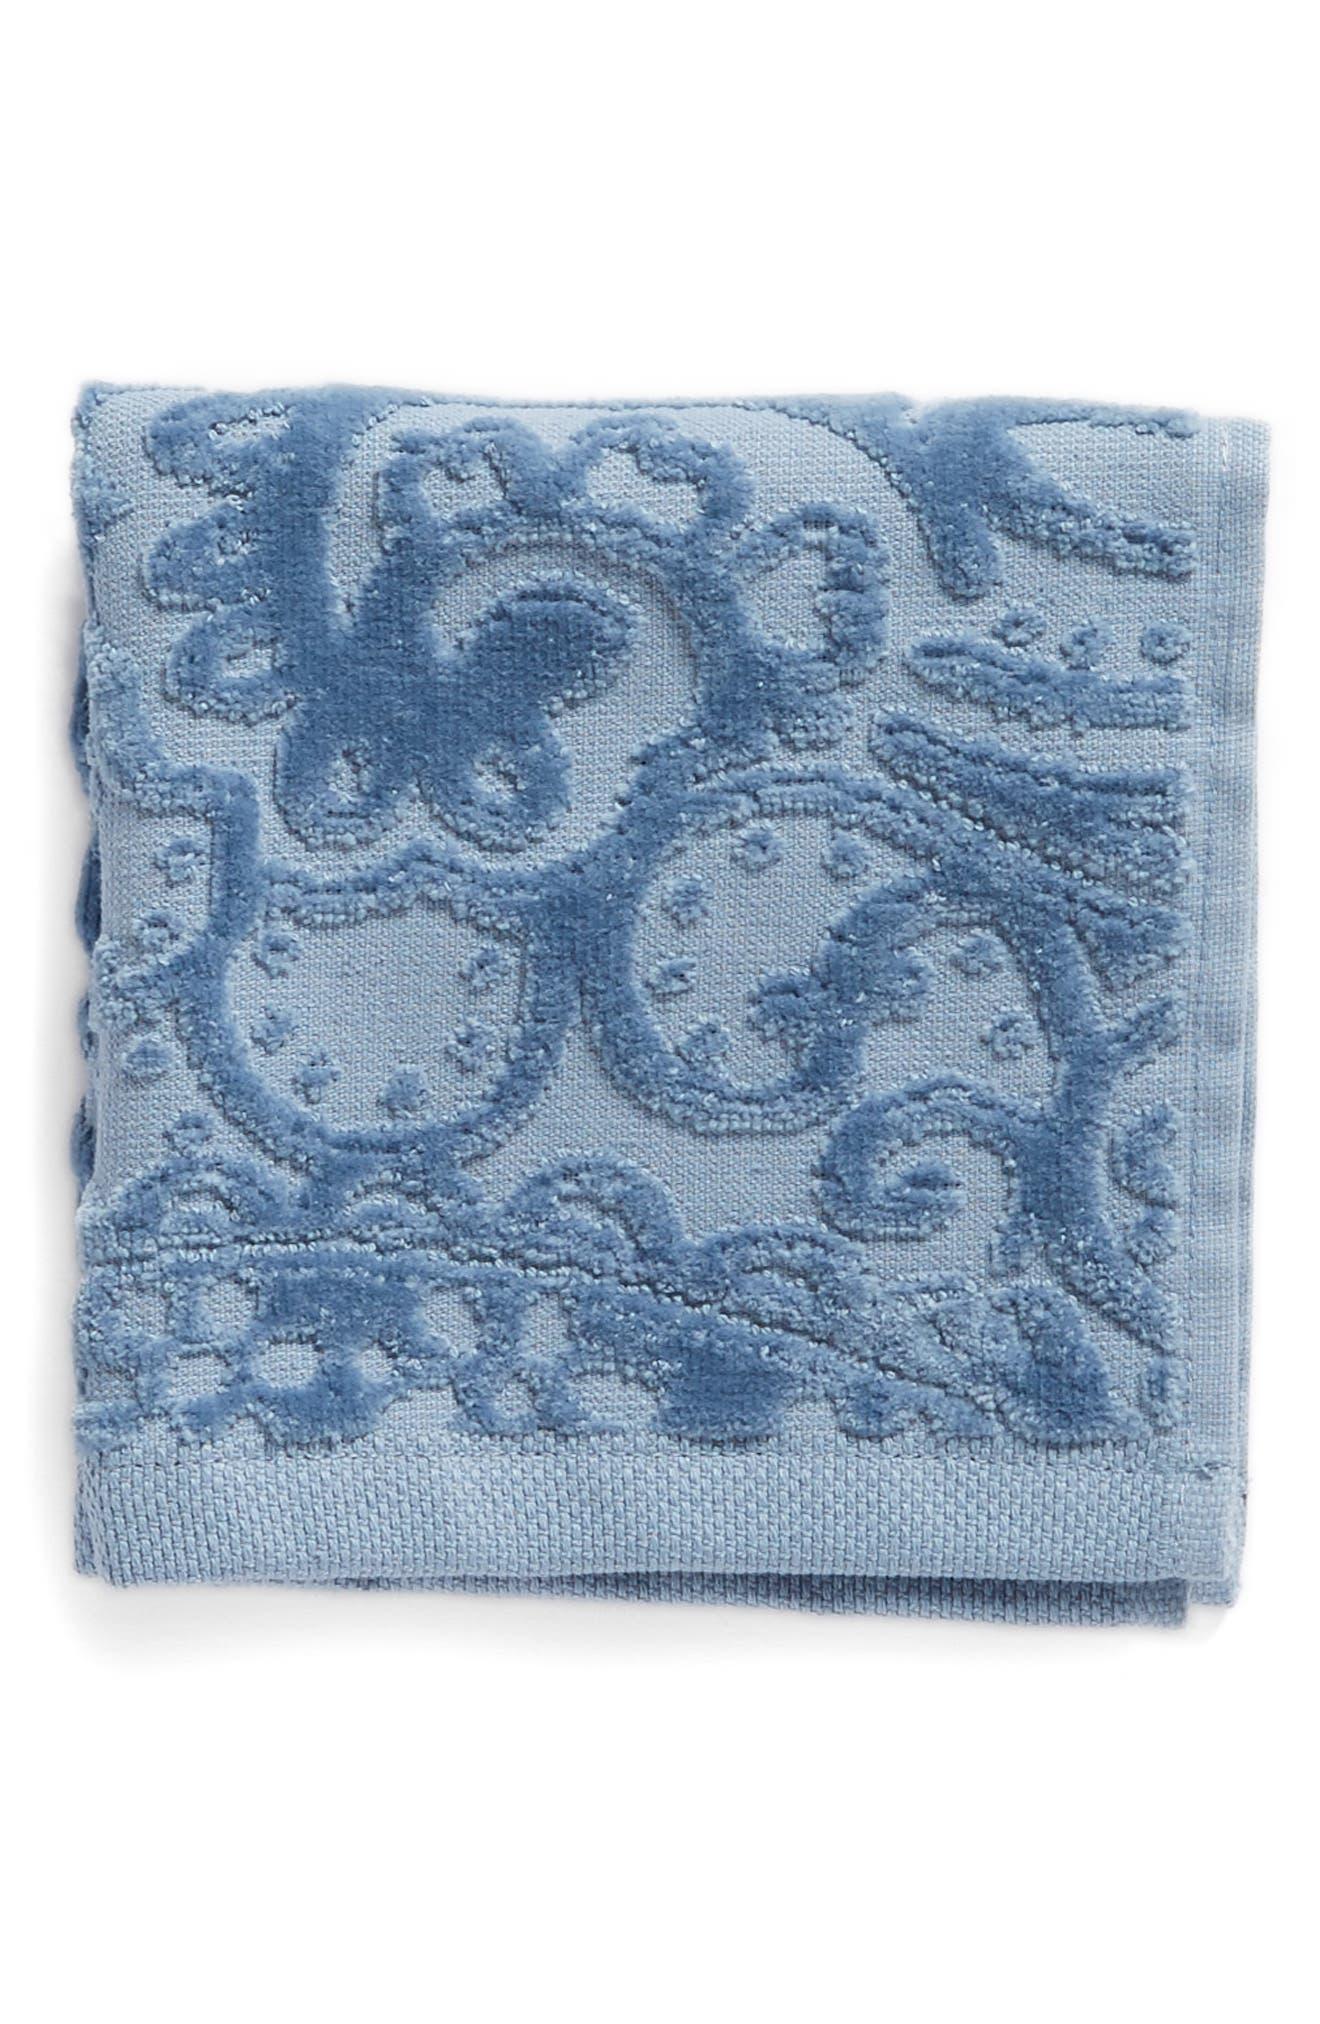 Elisa Turkish Cotton Washcloth,                             Main thumbnail 1, color,                             Blue Chambray